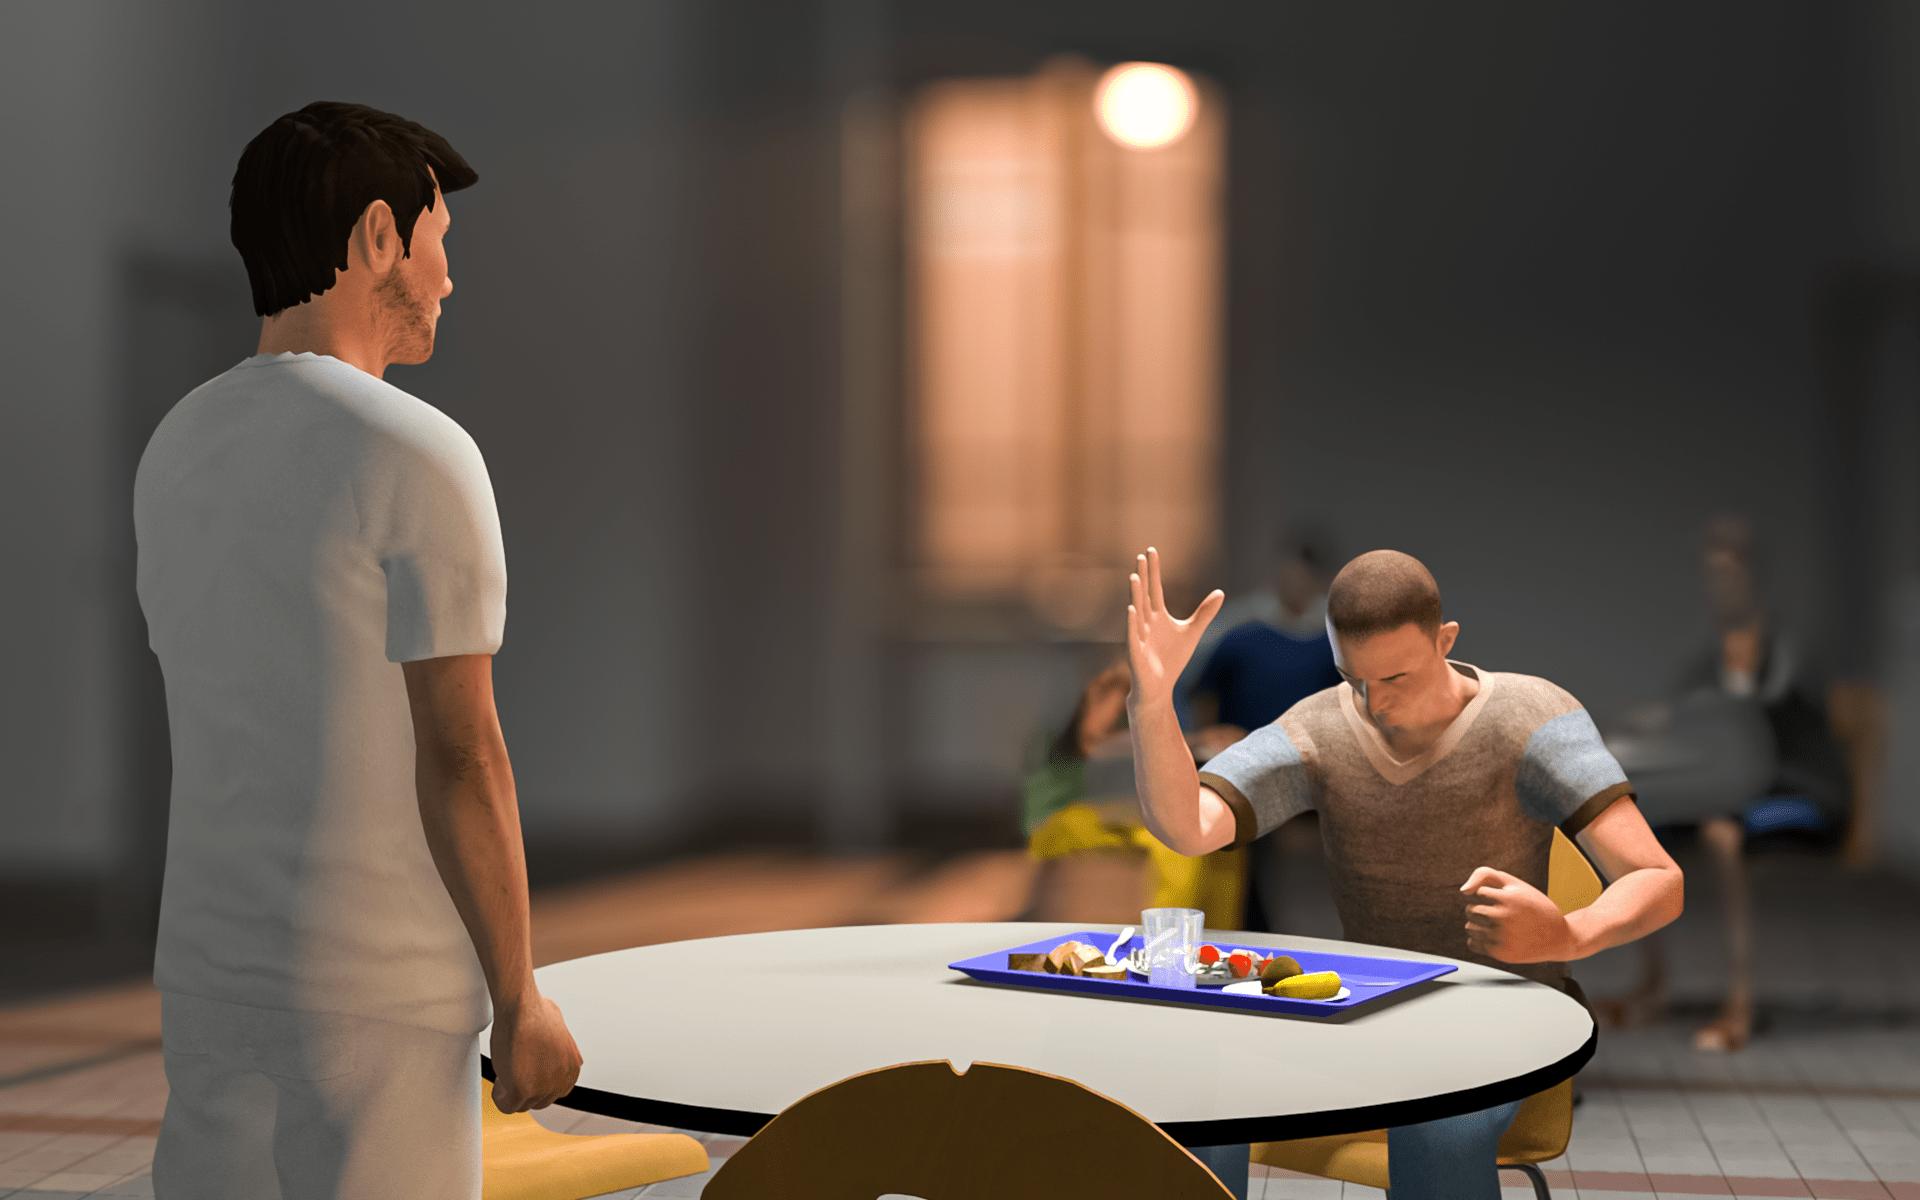 Personnage 3D dans leurs environnement en action